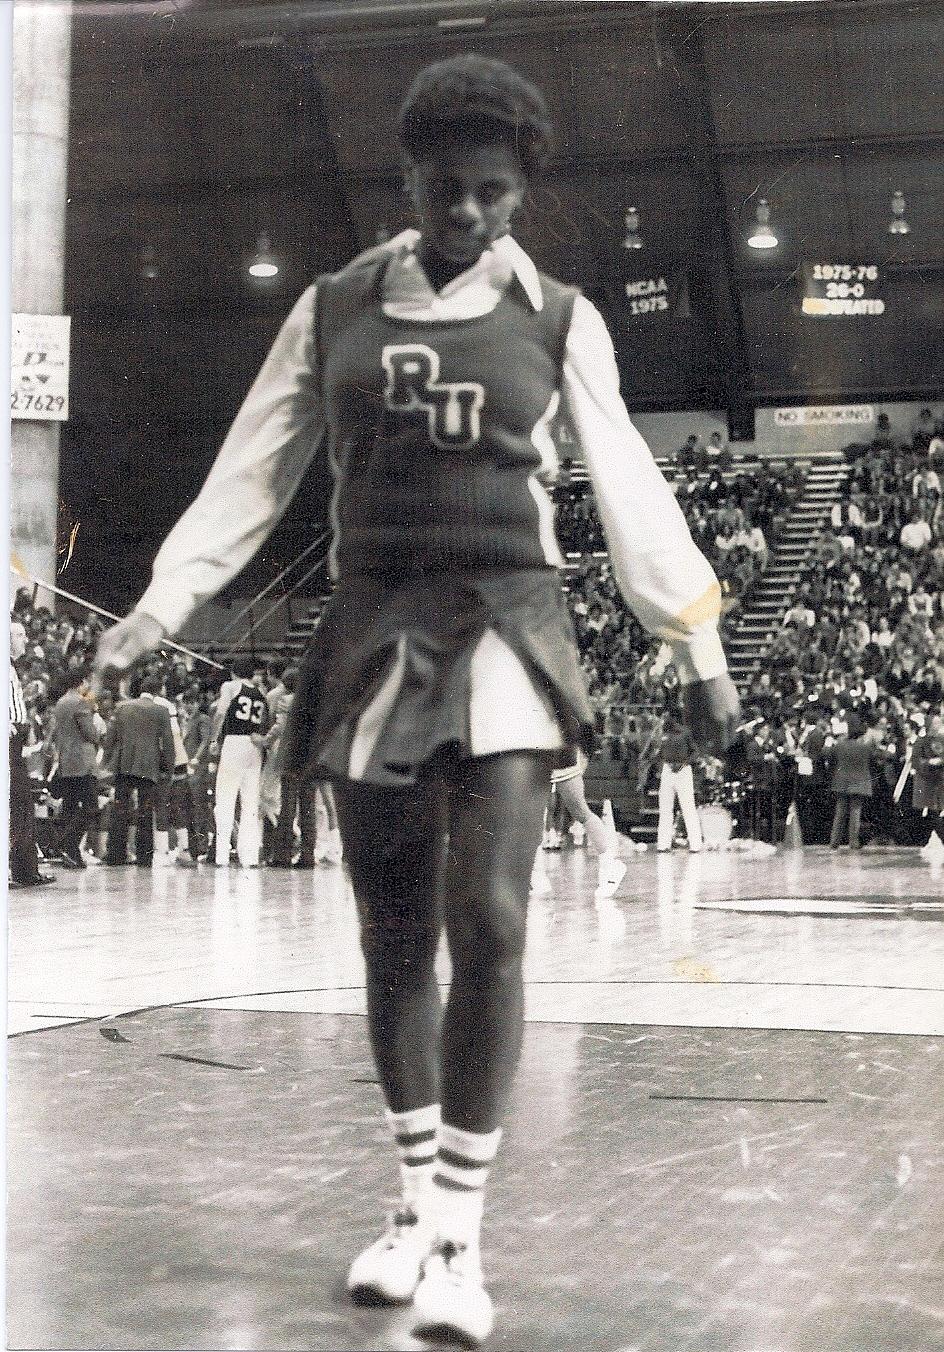 1980(?) — Basketball